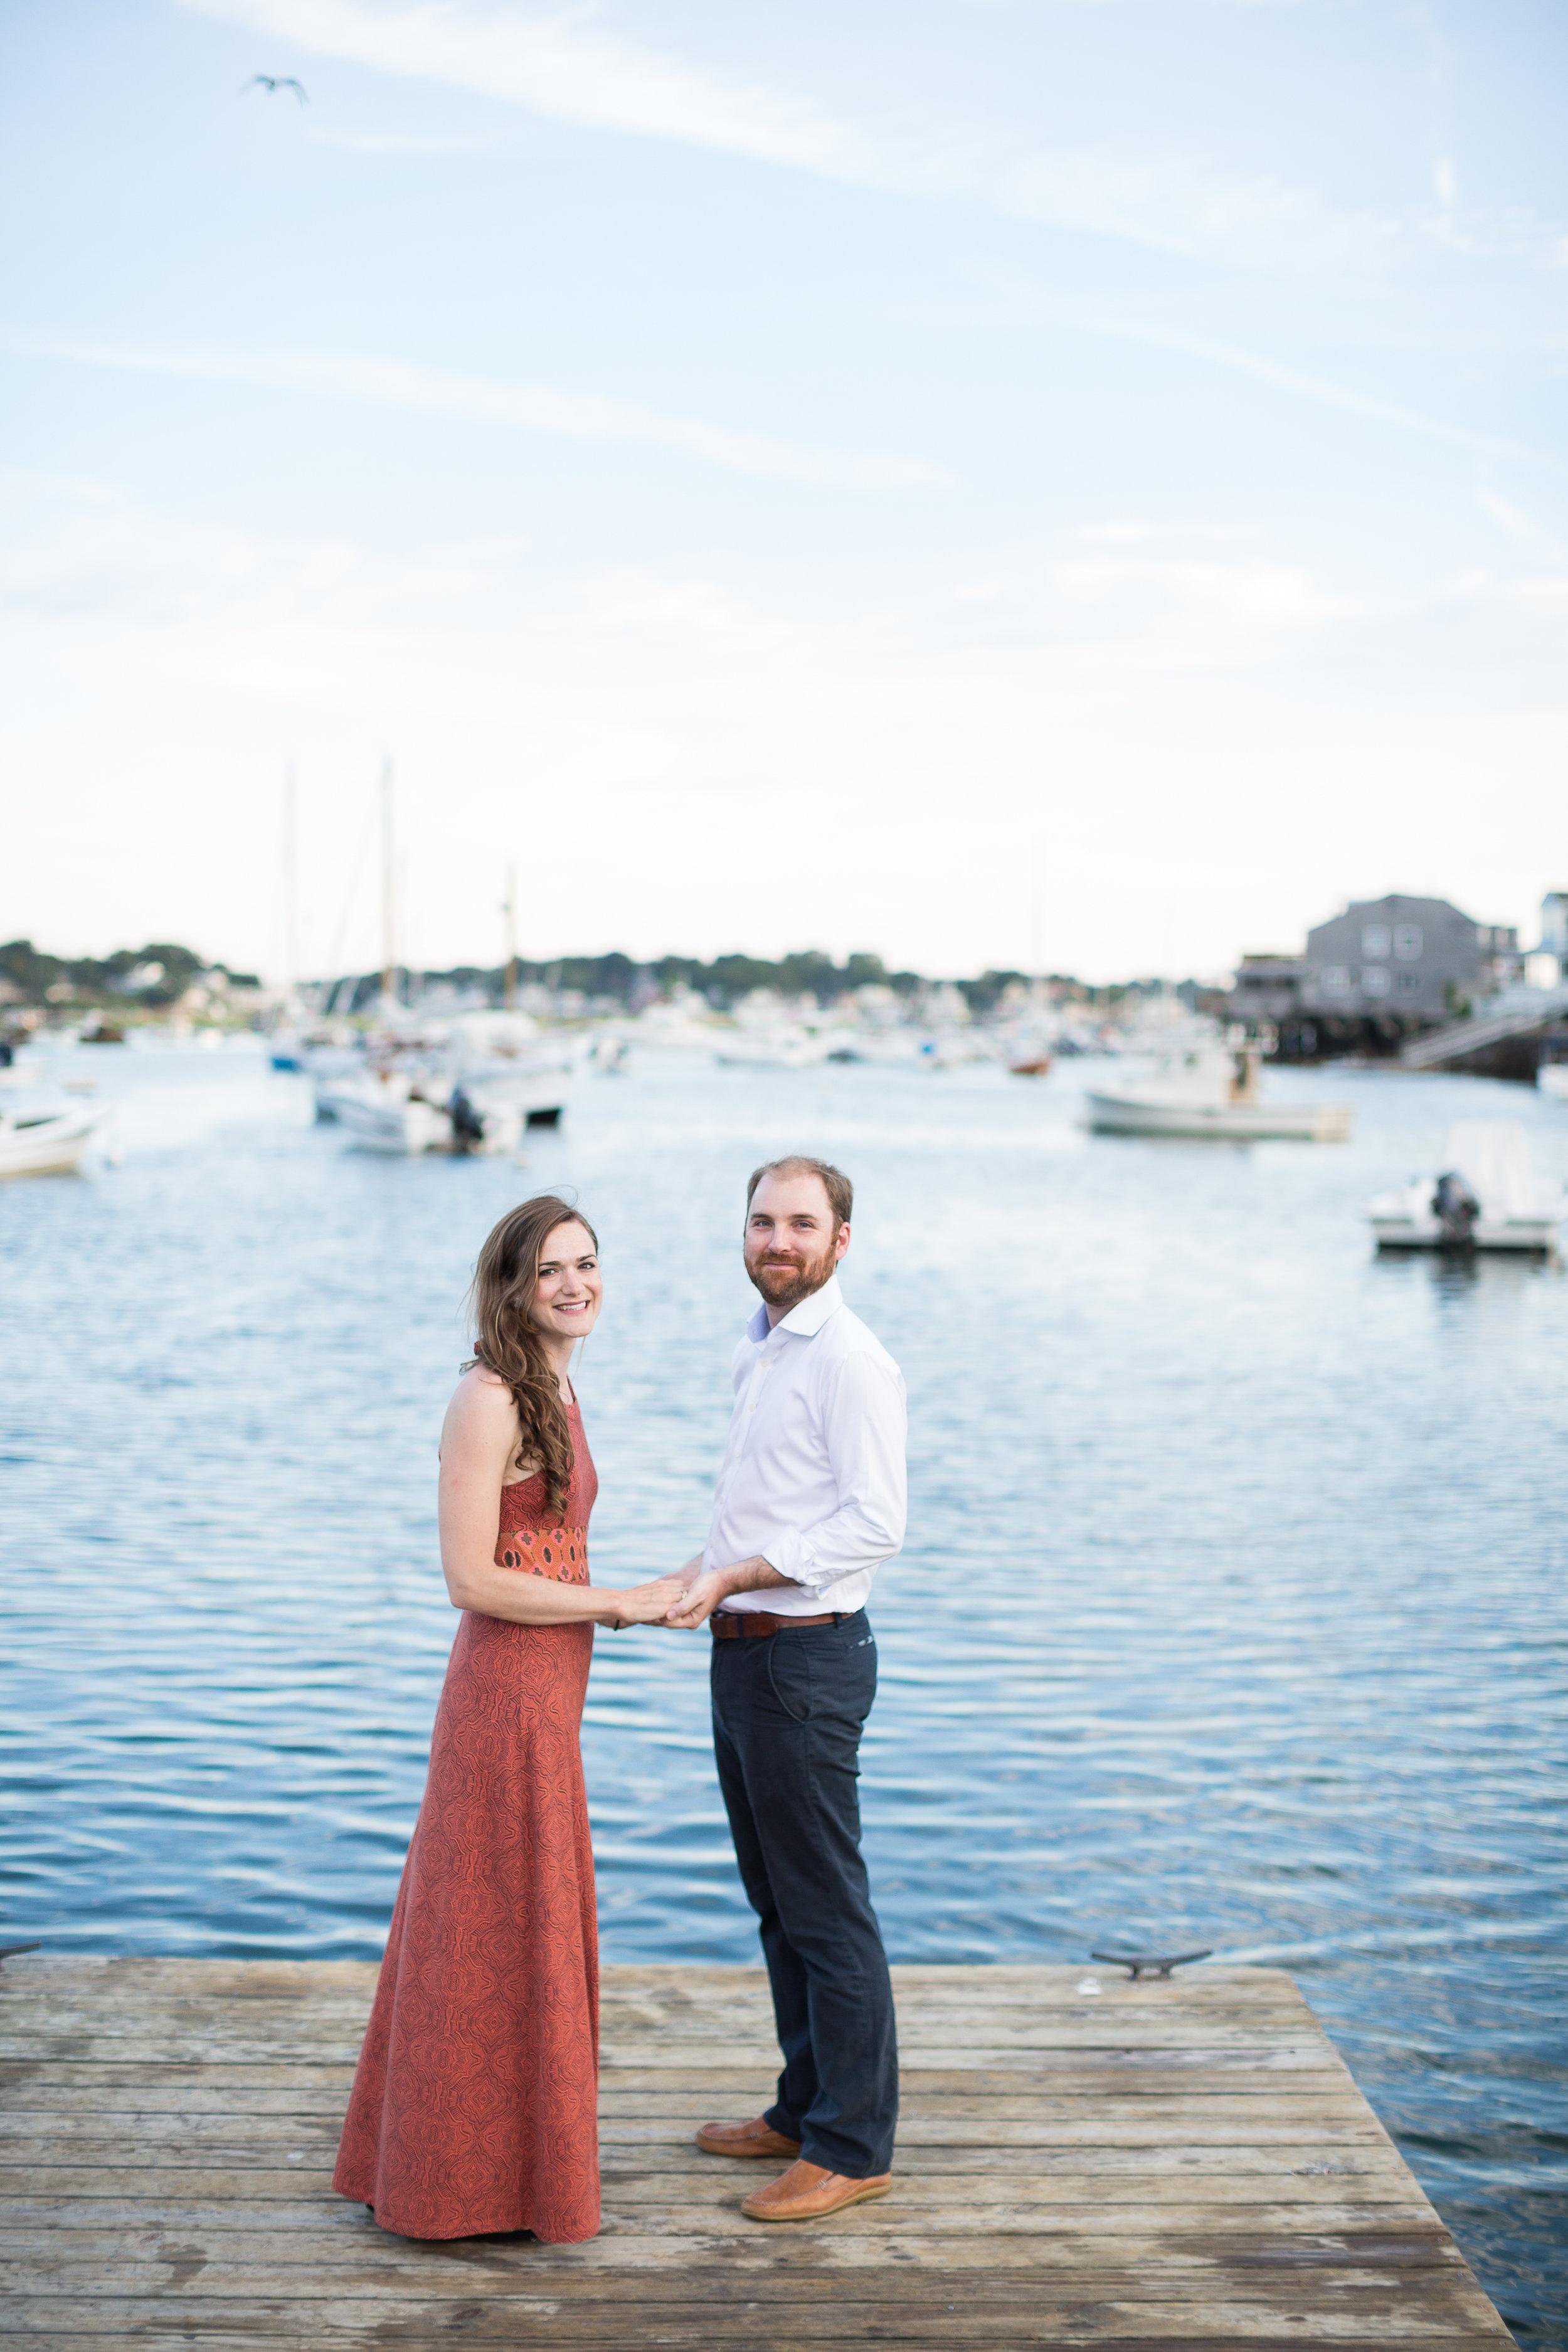 Annisquam Engagement Session | Cole + Kiera Photography